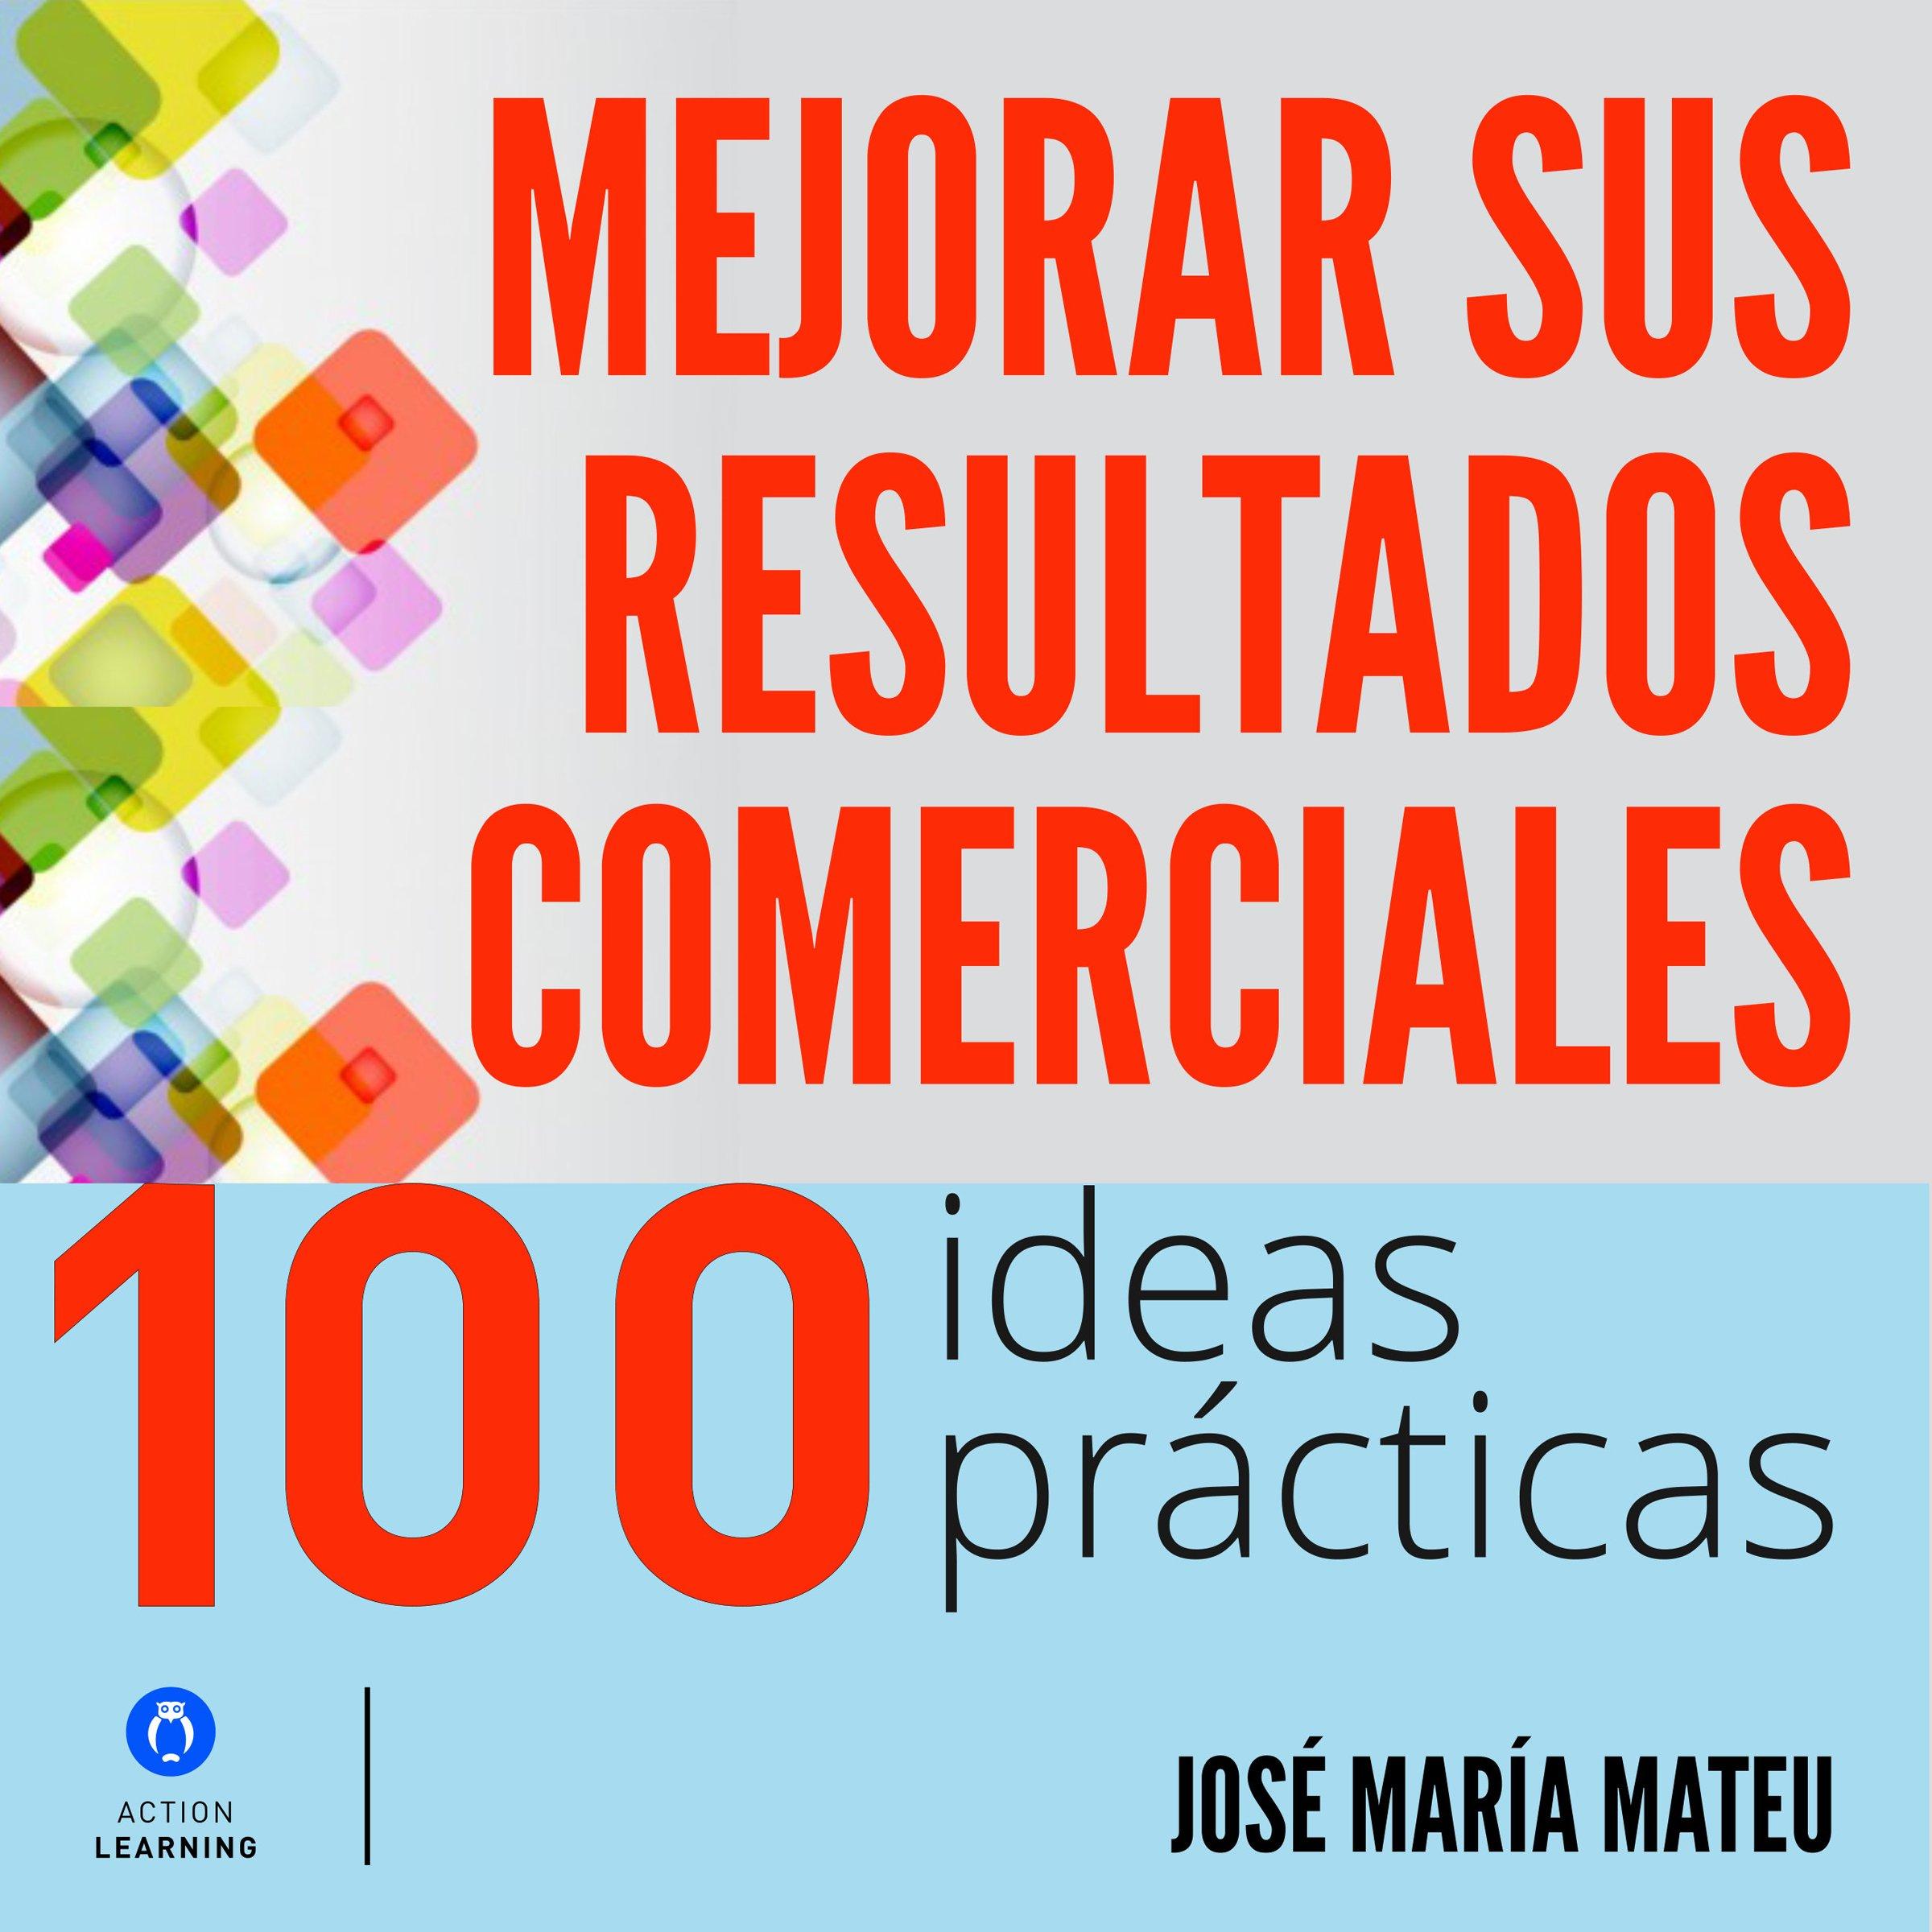 100 ideas prácticas para mejorar sus resultados comerciales [100 Practical Ideas to Improve Your Business Results]